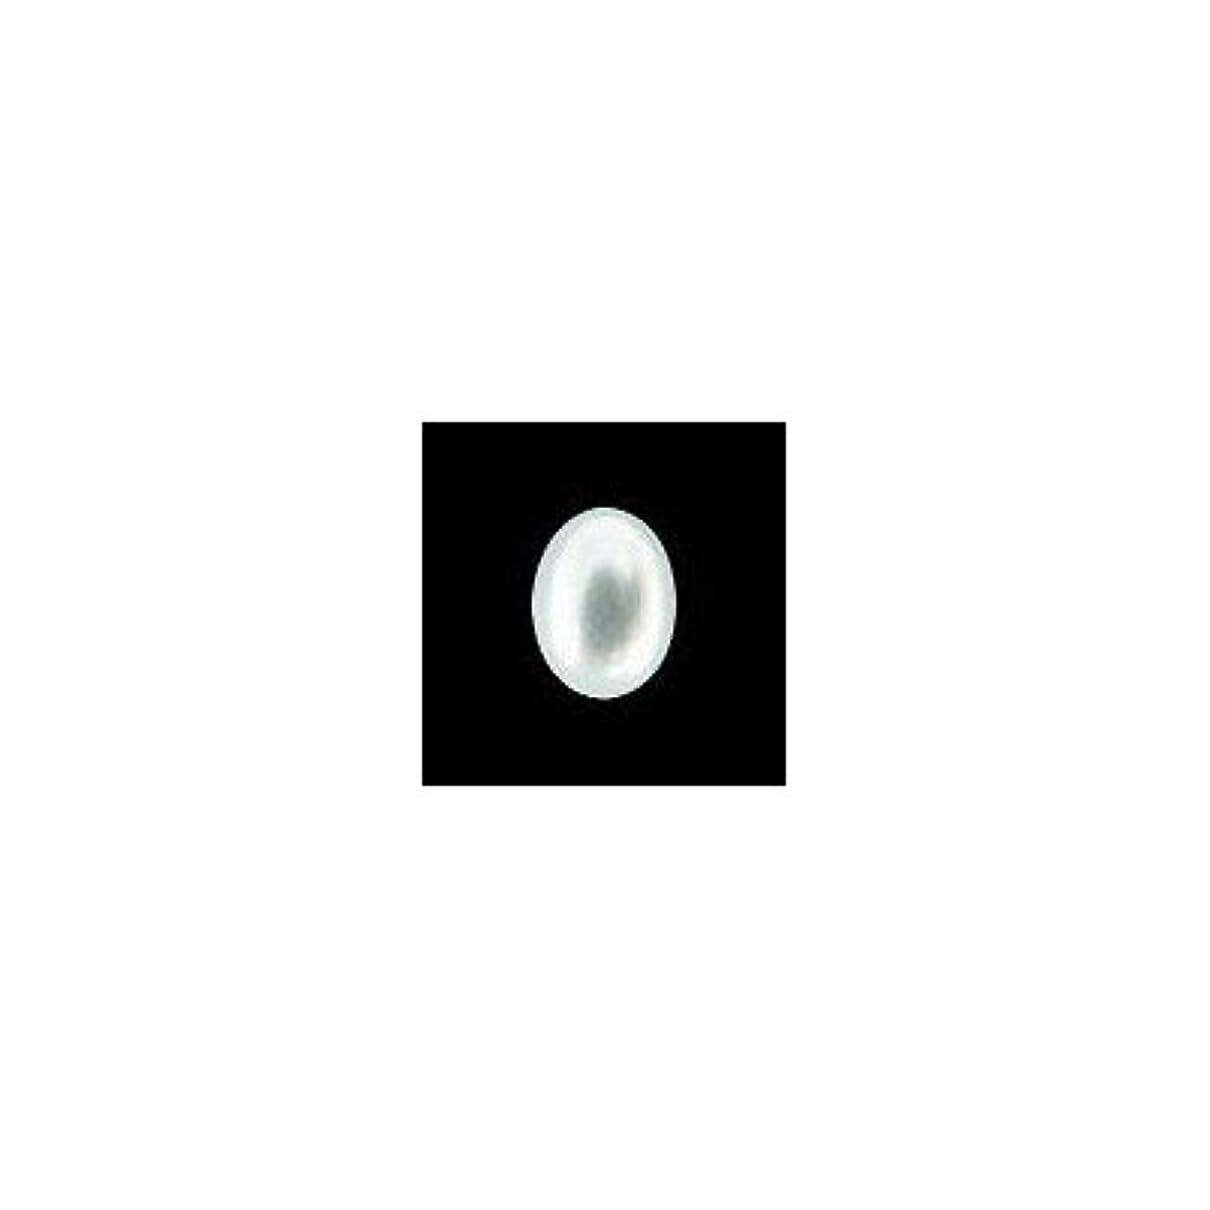 スカリー版可能にするピアドラ 大粒パール オーバル(7×5)24P